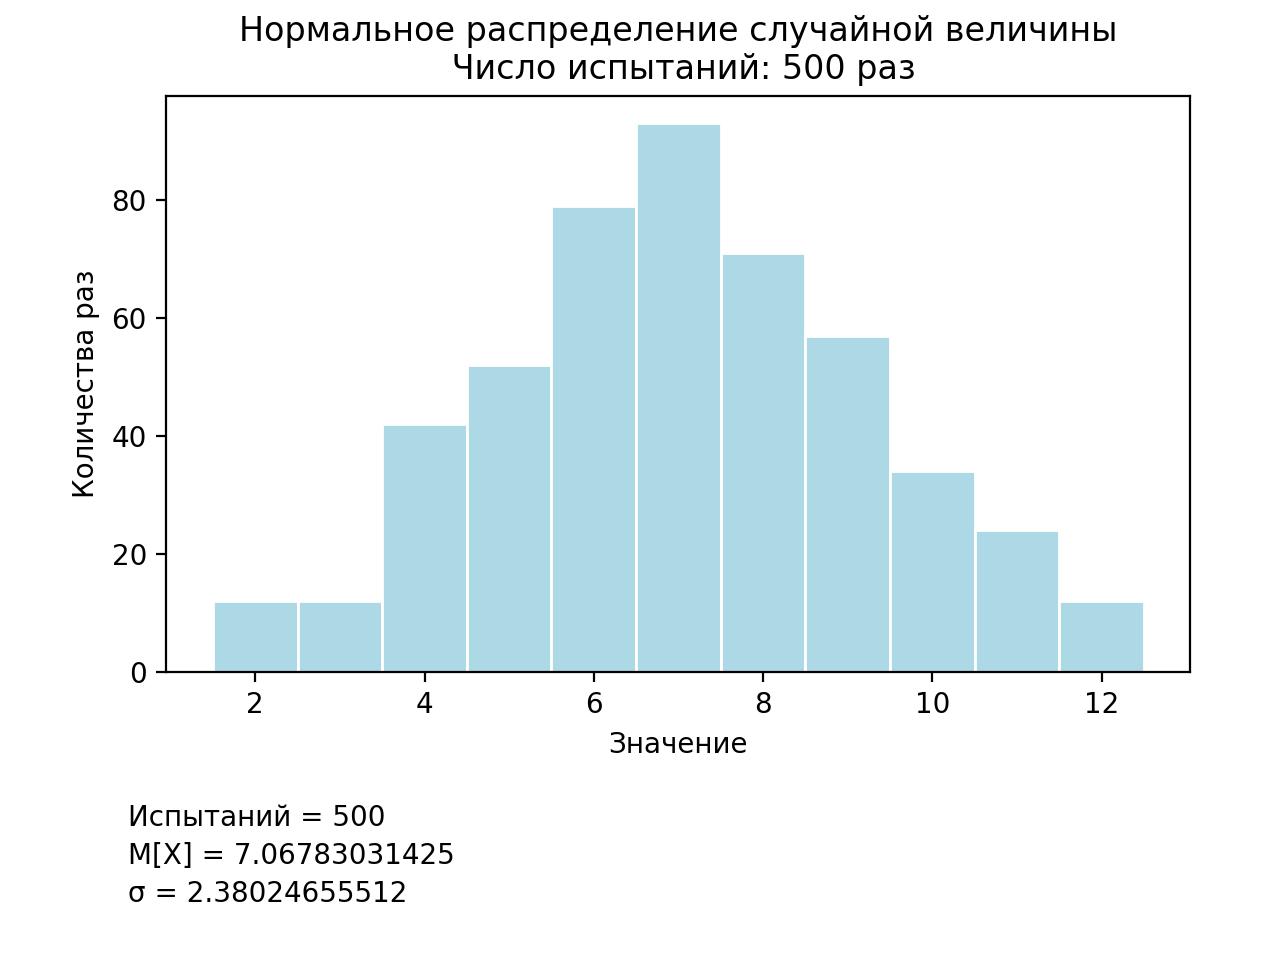 Методы имитационного моделирования вероятностных распределений на языке программирования Python - 3